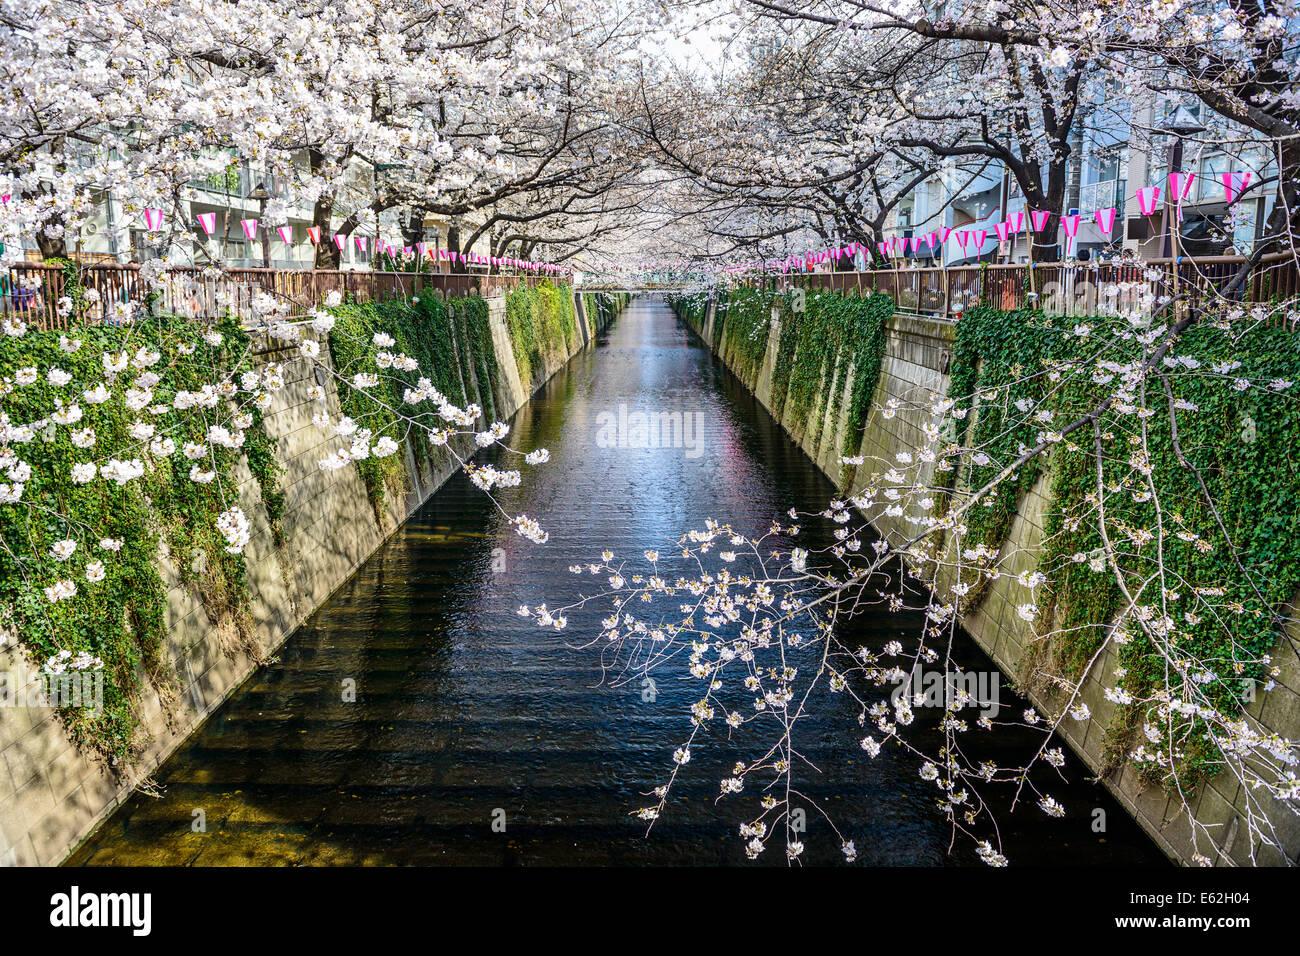 Tokio, Japón en Meguro Canal en la temporada de primavera. Imagen De Stock